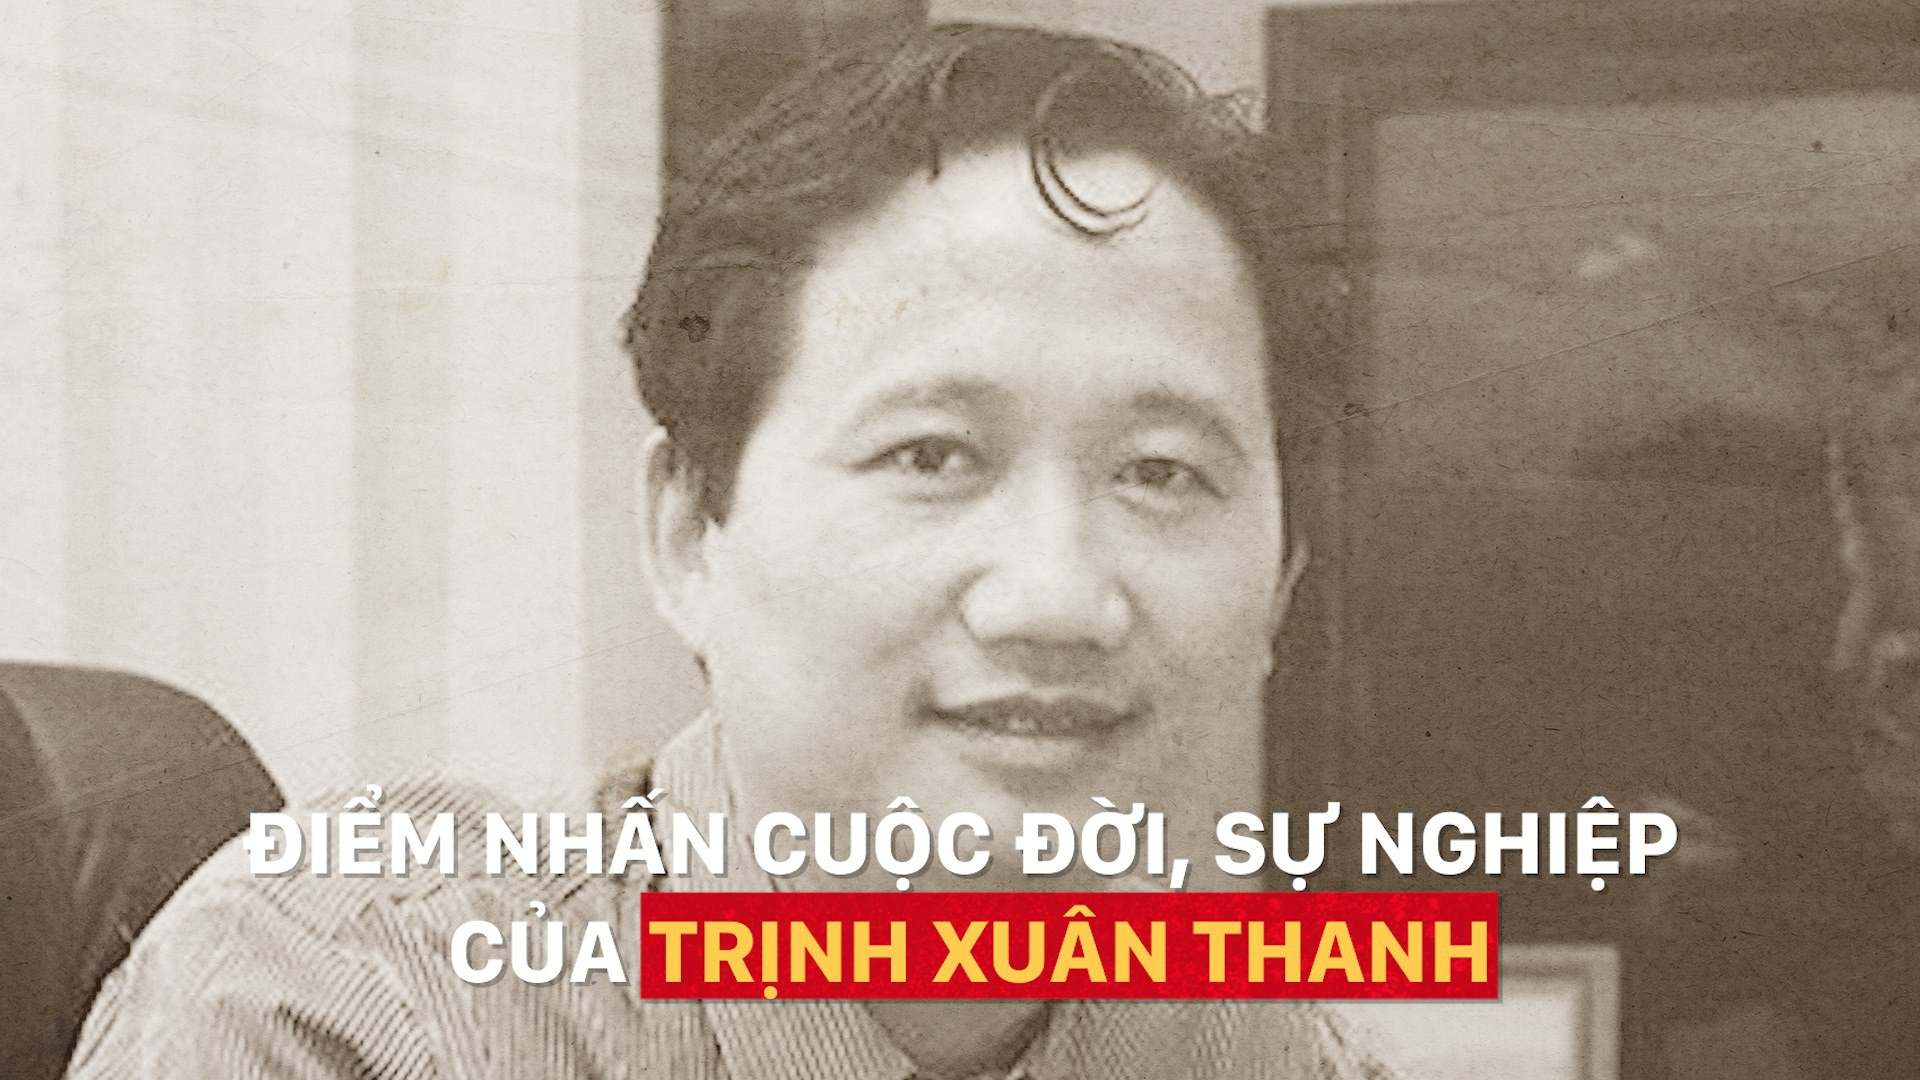 Điểm nhấn cuộc đời và sự nghiệp của ông Trịnh Xuân Thanh